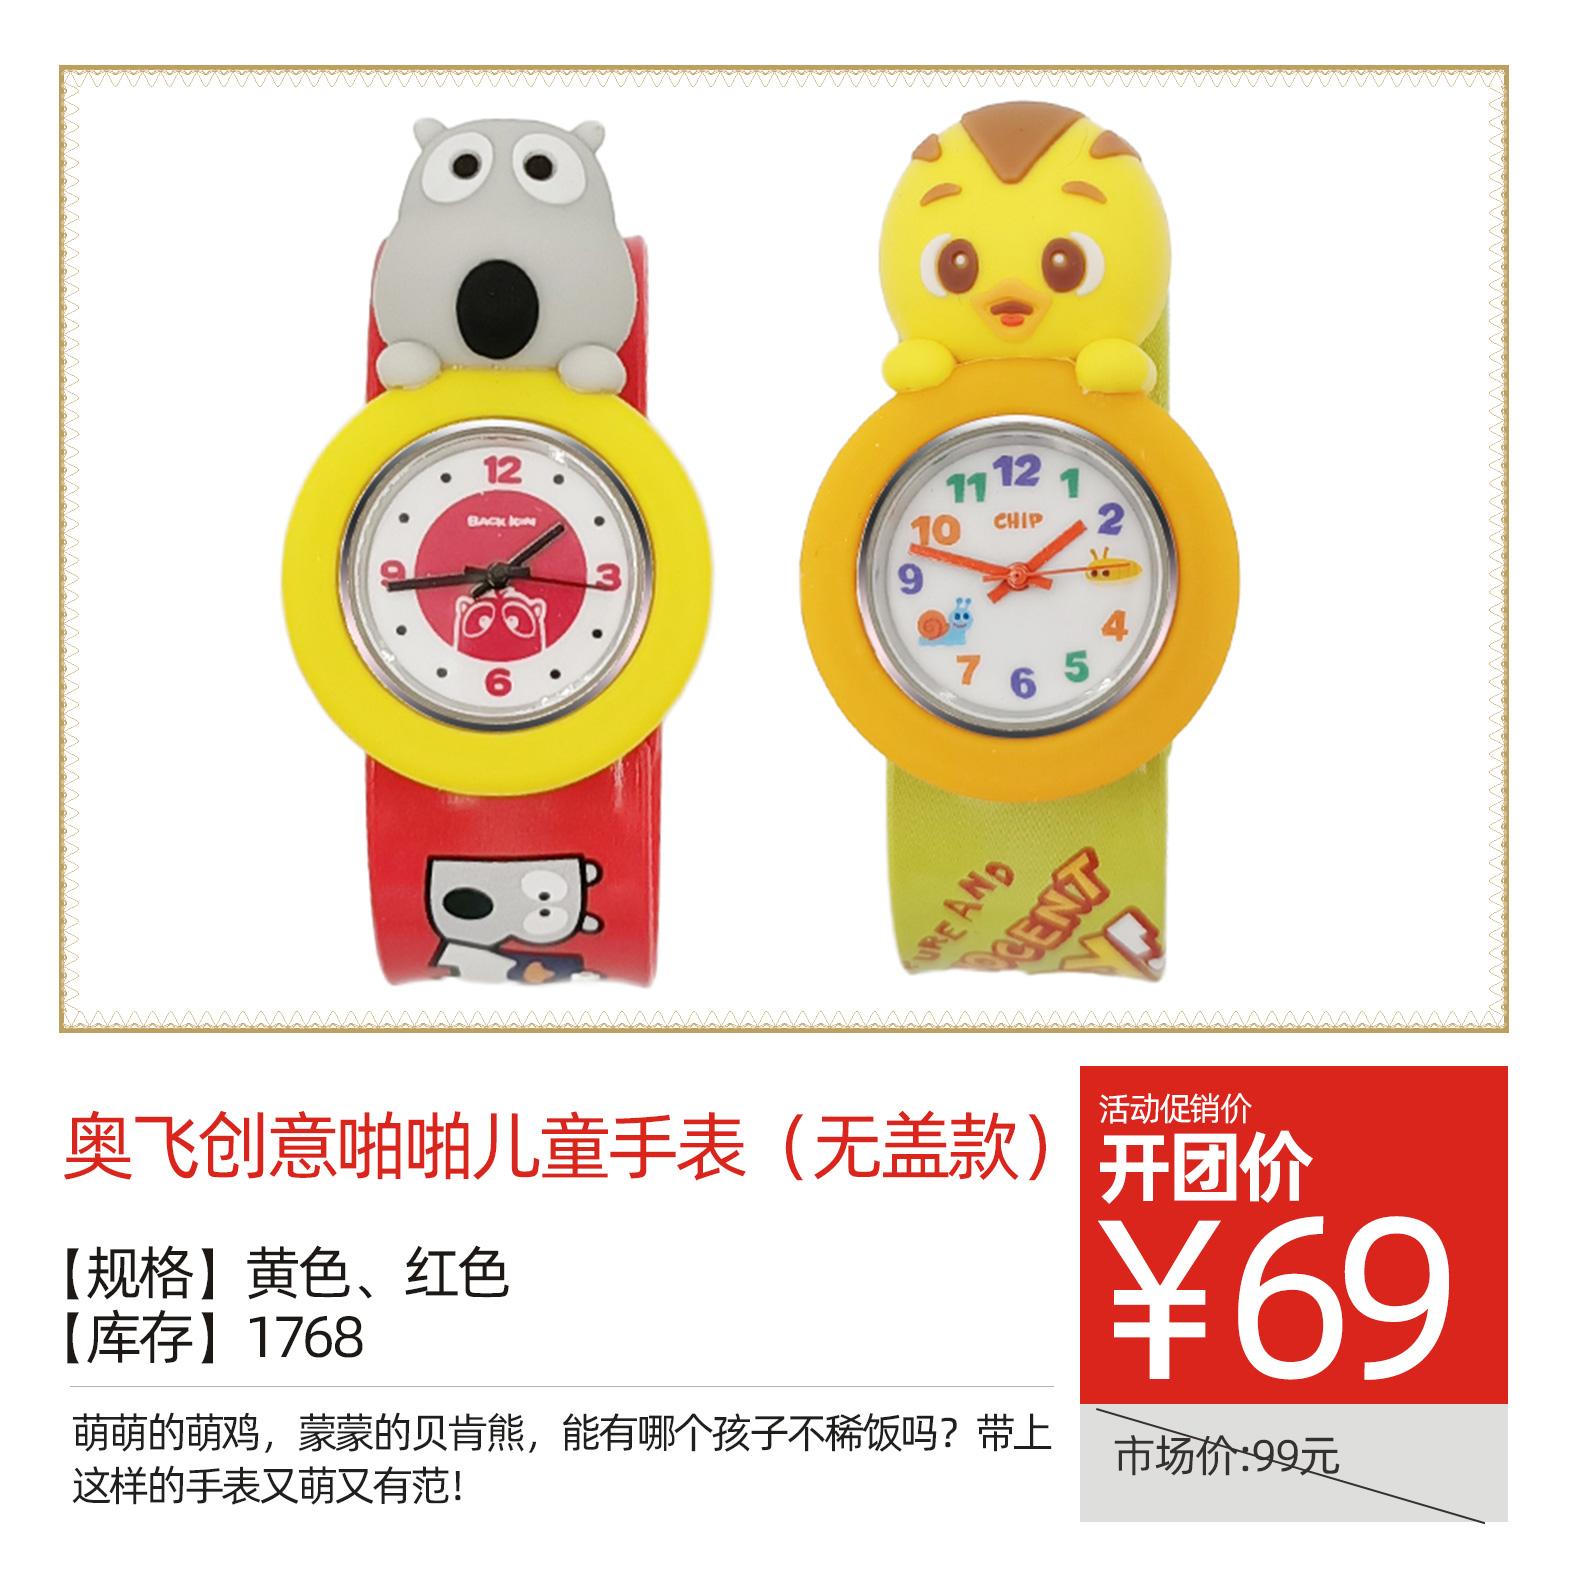 奥飞创意啪啪儿童手表(无盖款)